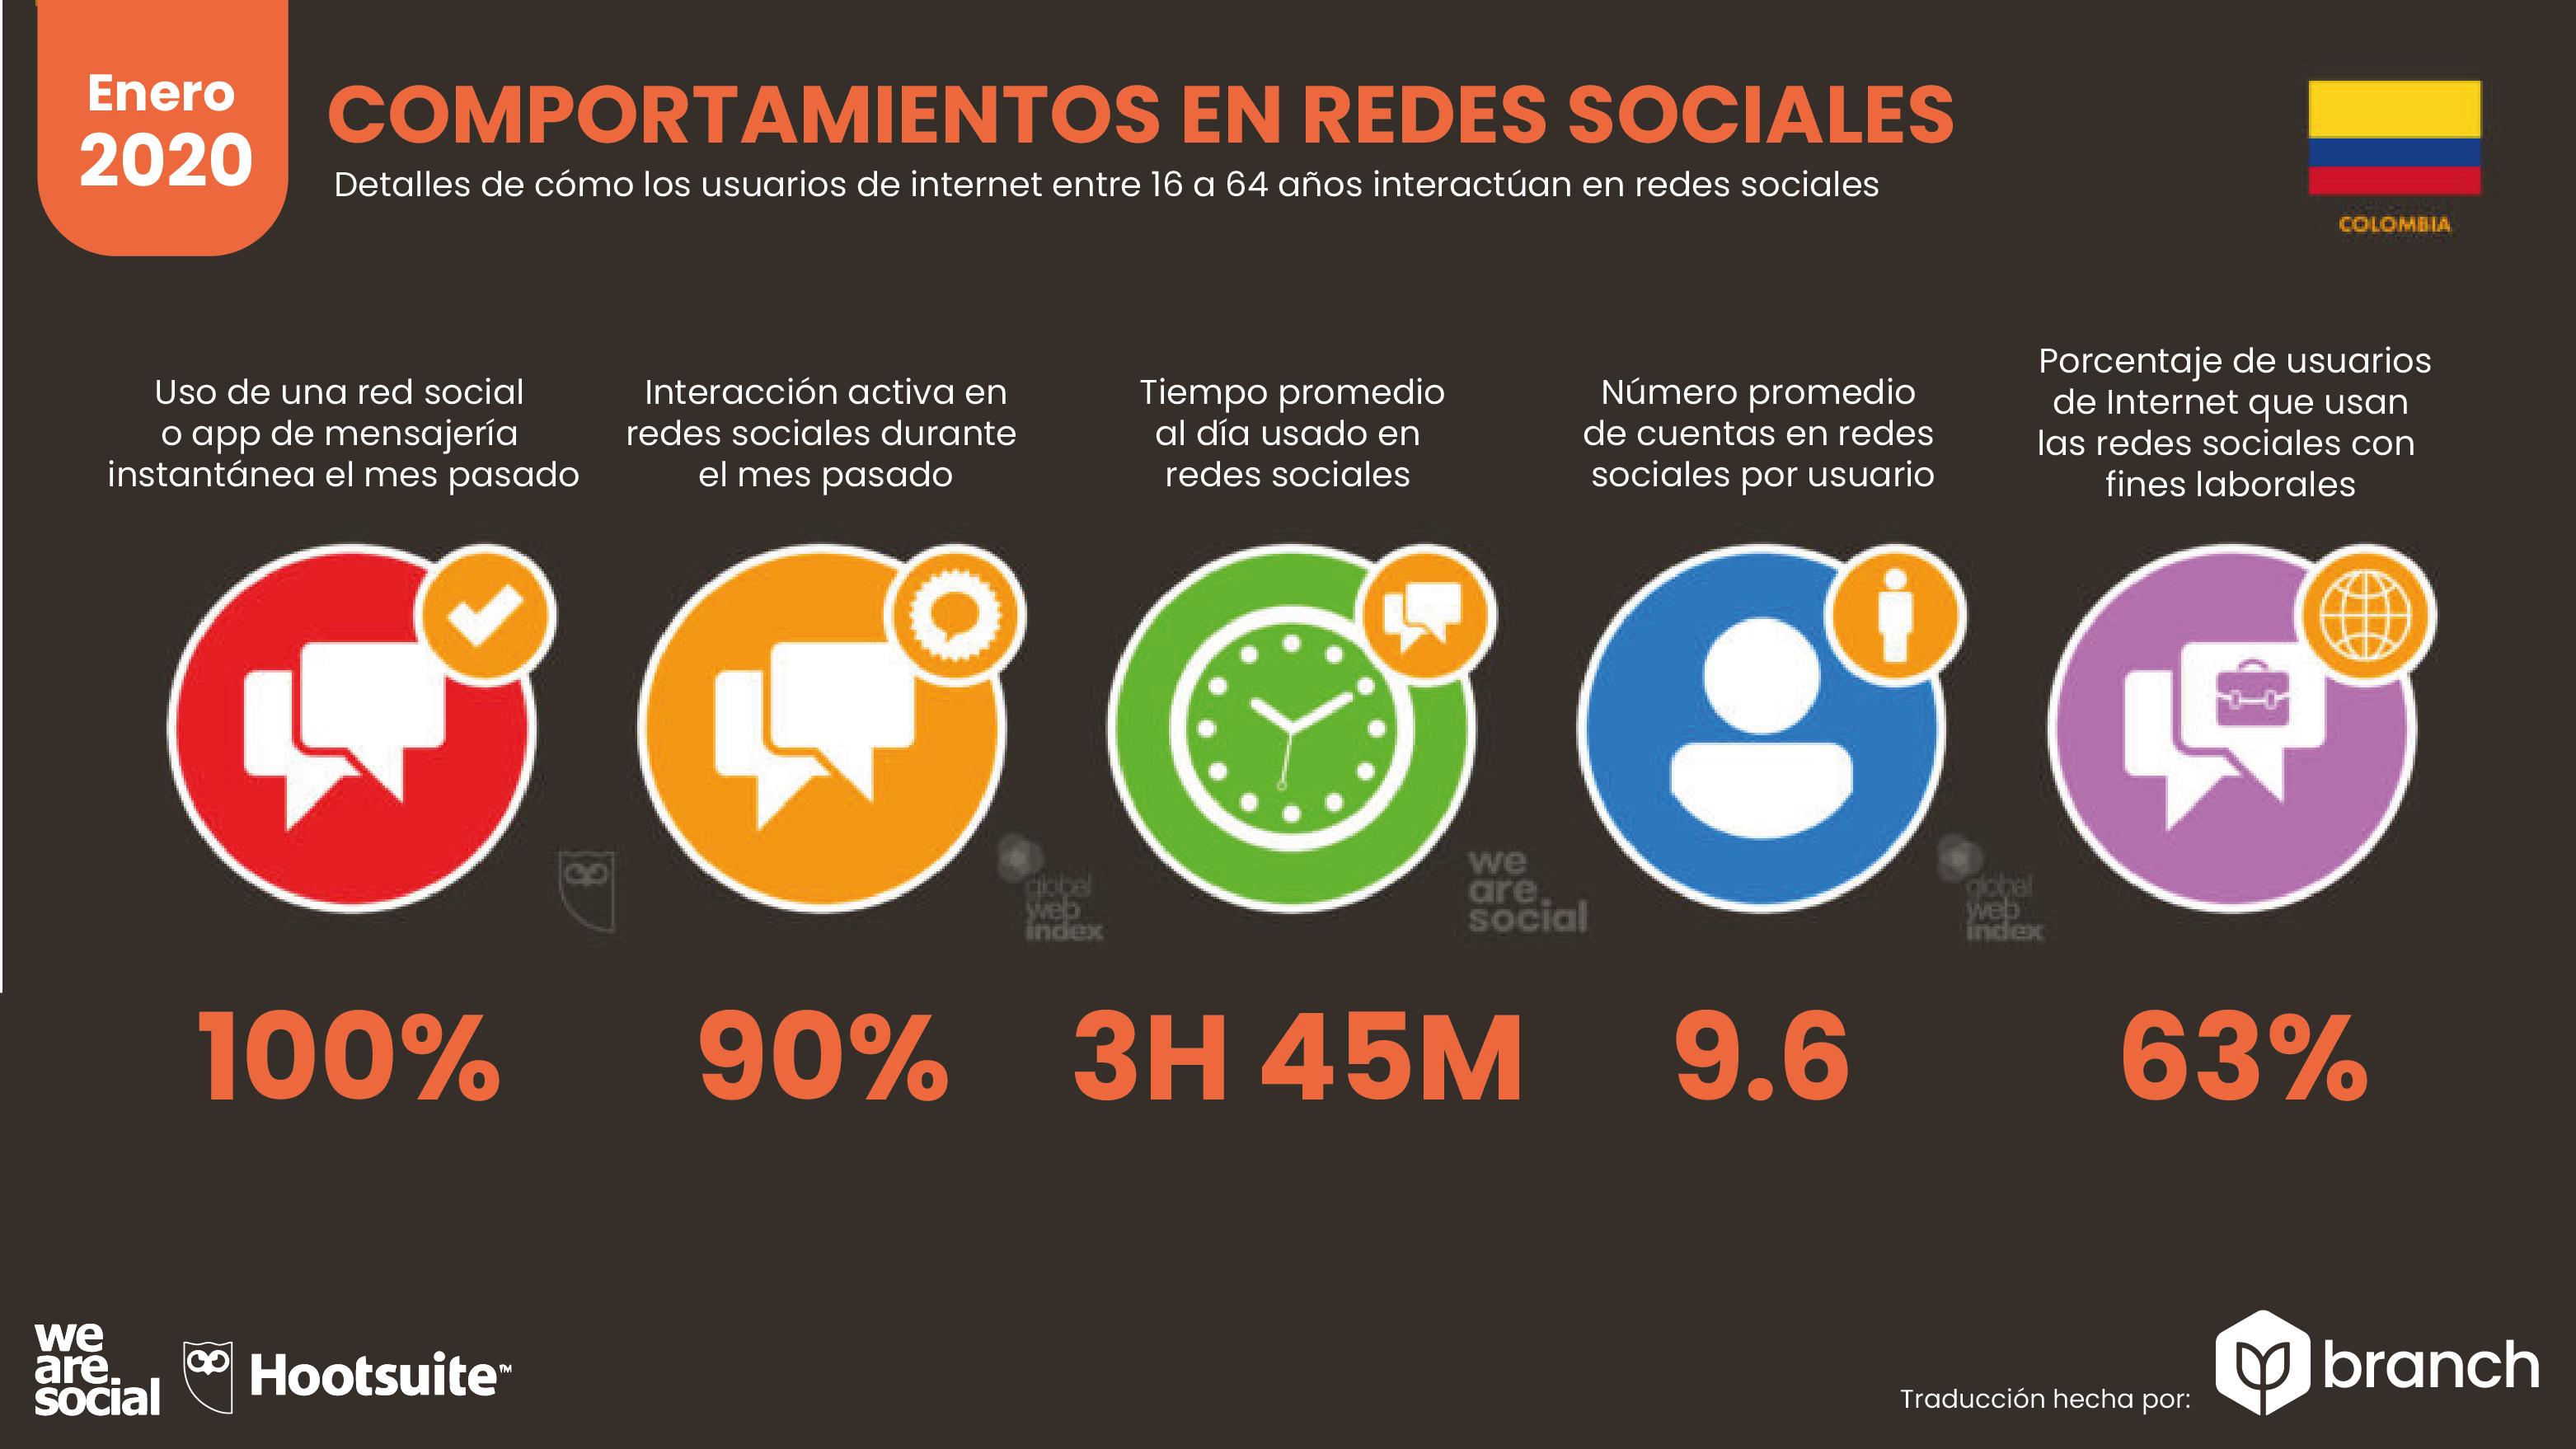 comportamiento-en-redes-sociales-de-los-colombianos-2019-2020